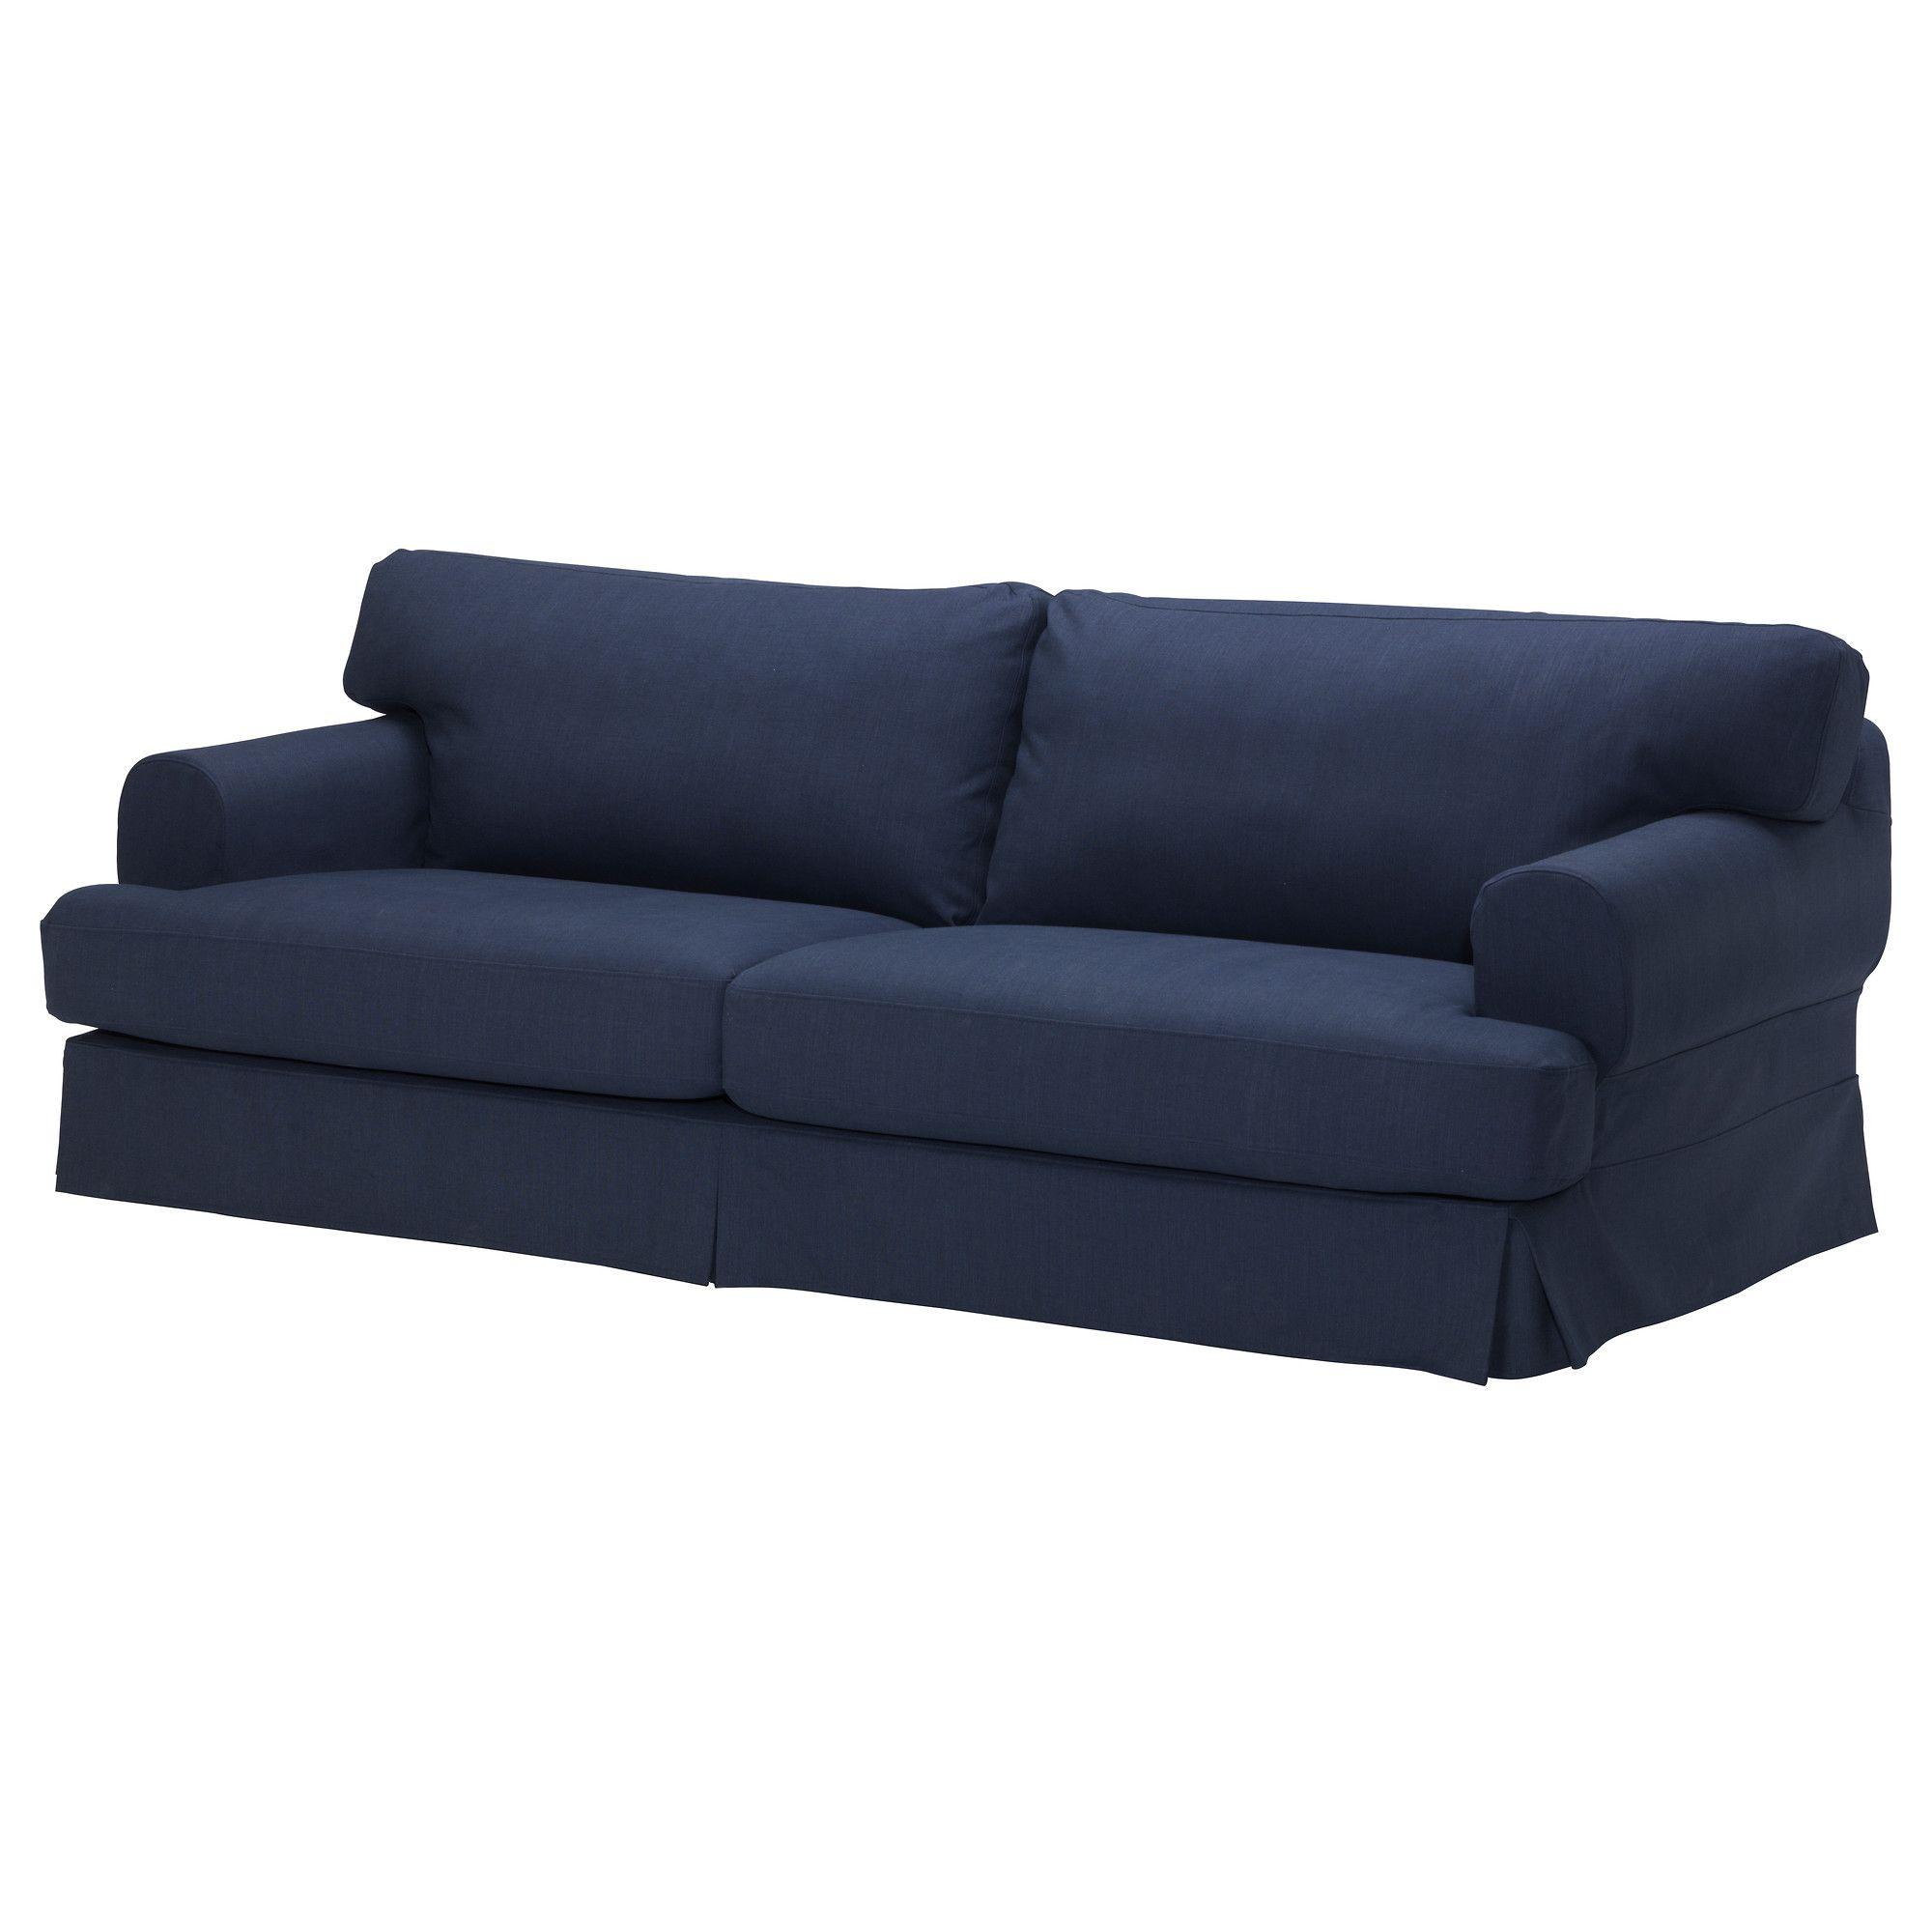 Hov S Sofa  K Llvik Dark Blue  Ikea